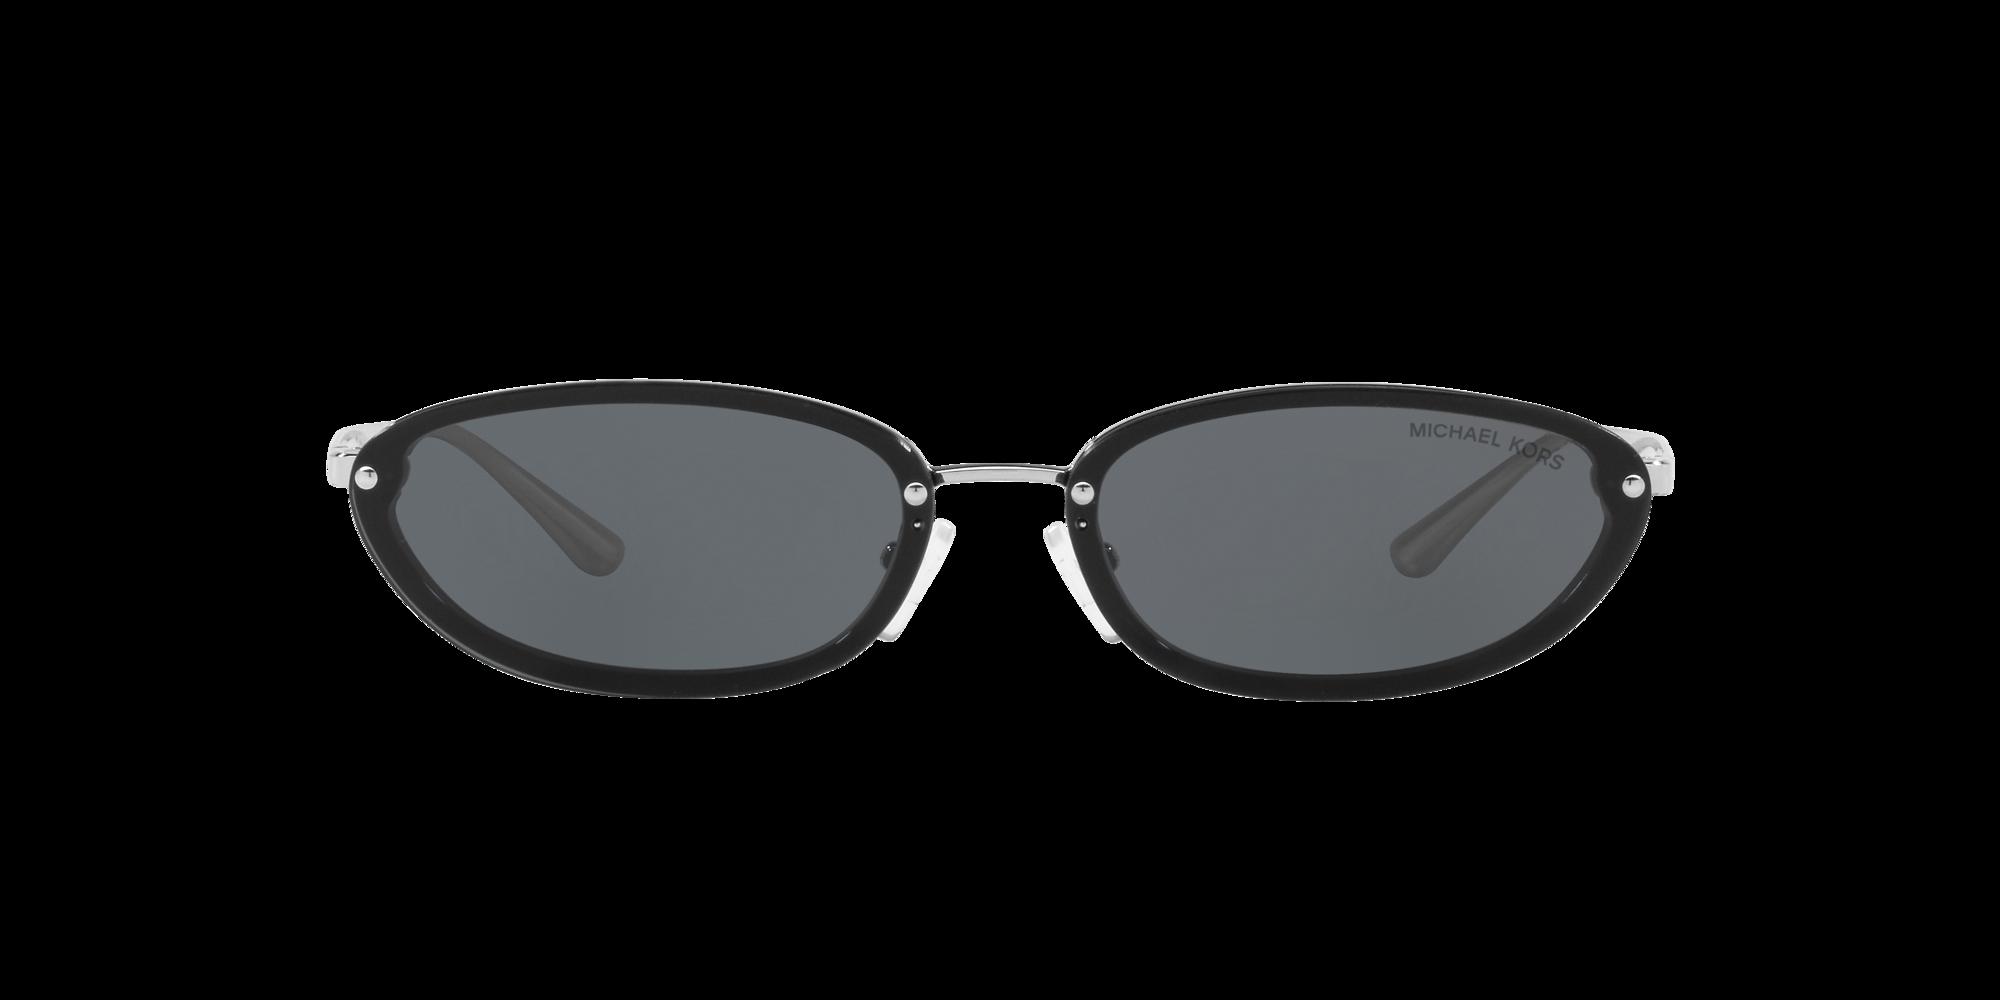 Image de MK2104 62 MIRAMAR from LensCrafters | Lunettes, lunettes d'ordonnance en ligne, lunetterie